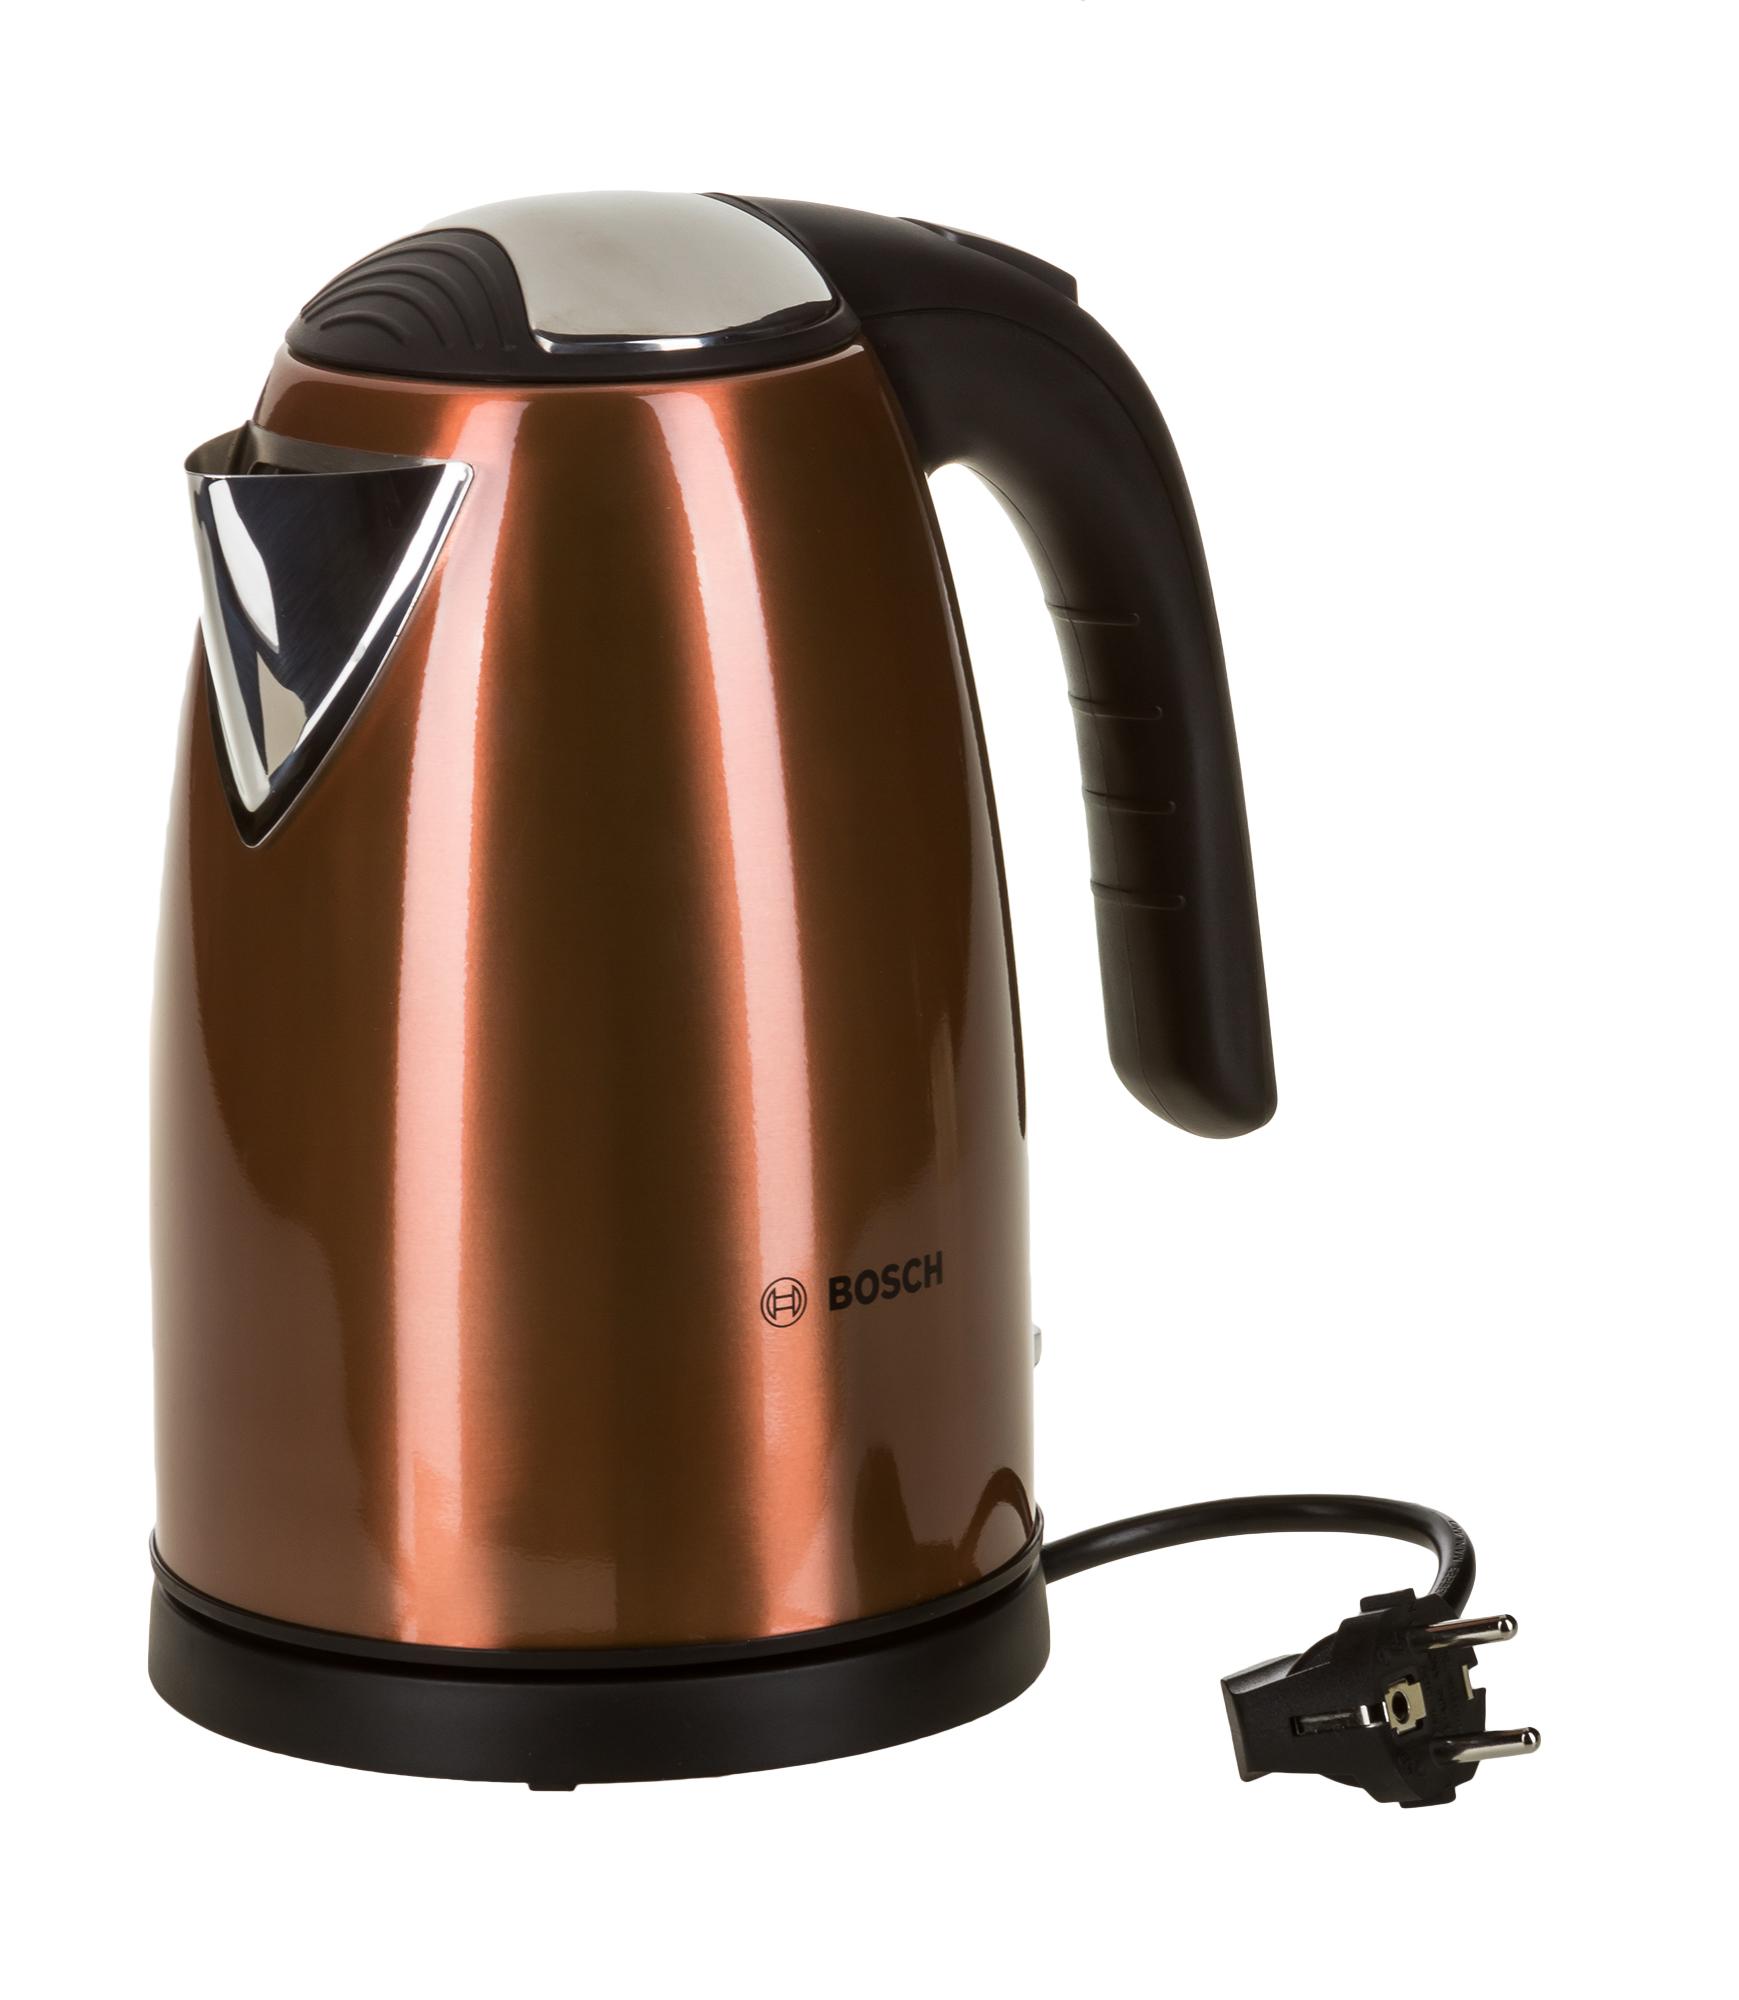 Купить чайник электрический в красноярске